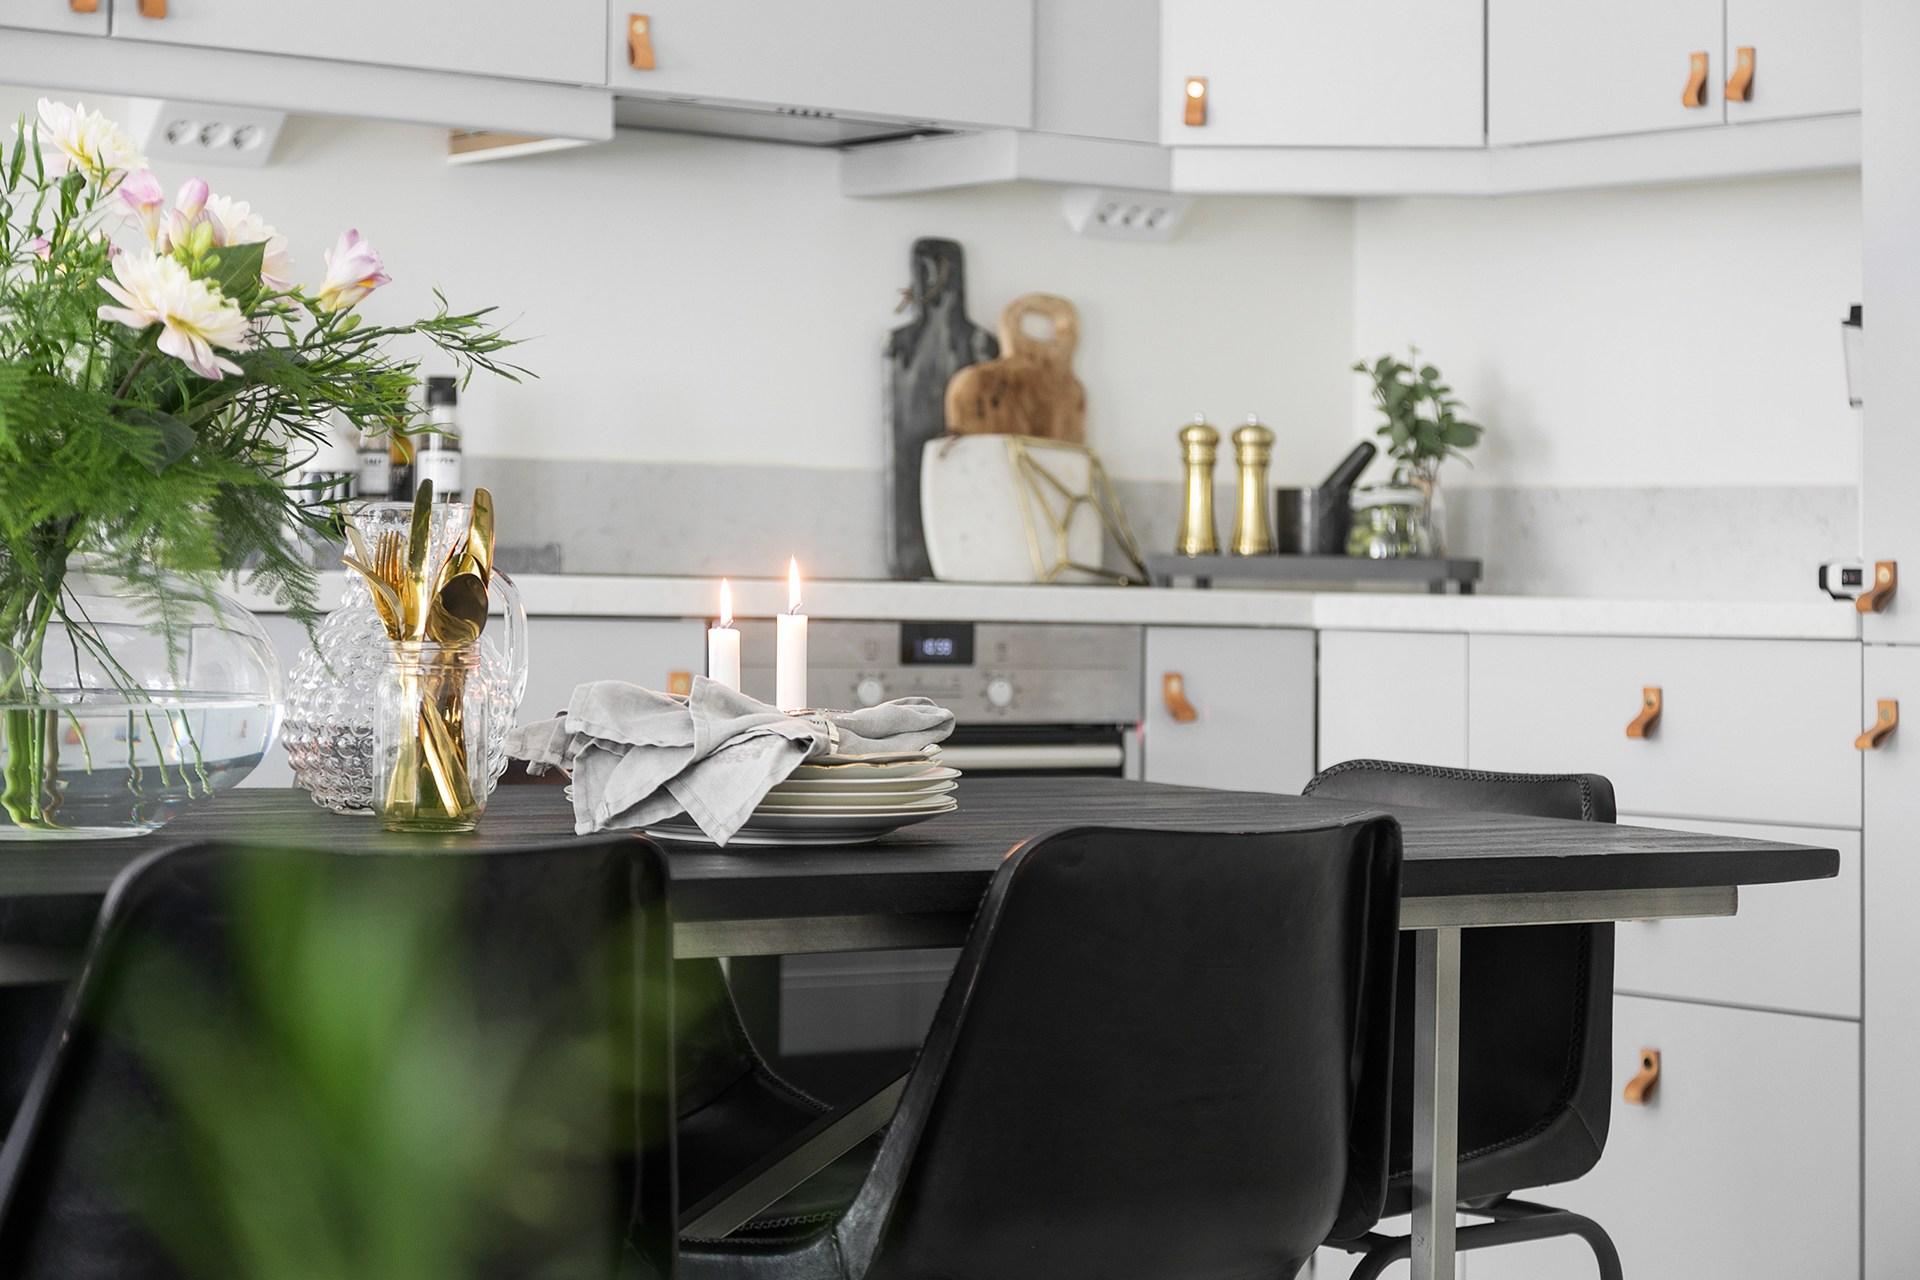 стол кухня встроенная вытяжка